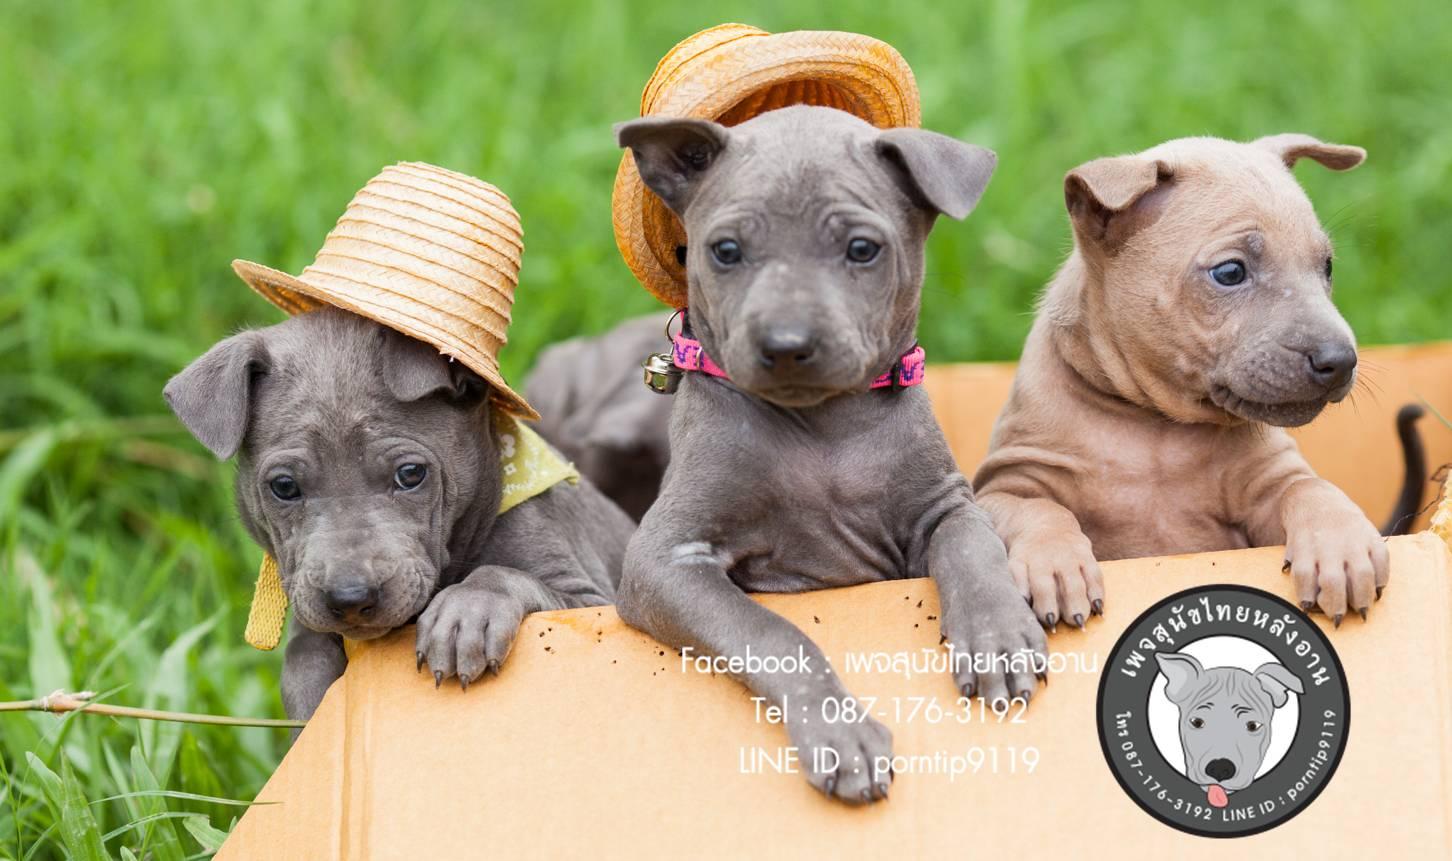 สุนัขไทยหลังอาน ขายสุนัขไทยหลังอาน   ลูกสุนัขไทยหลังอานnet-0005